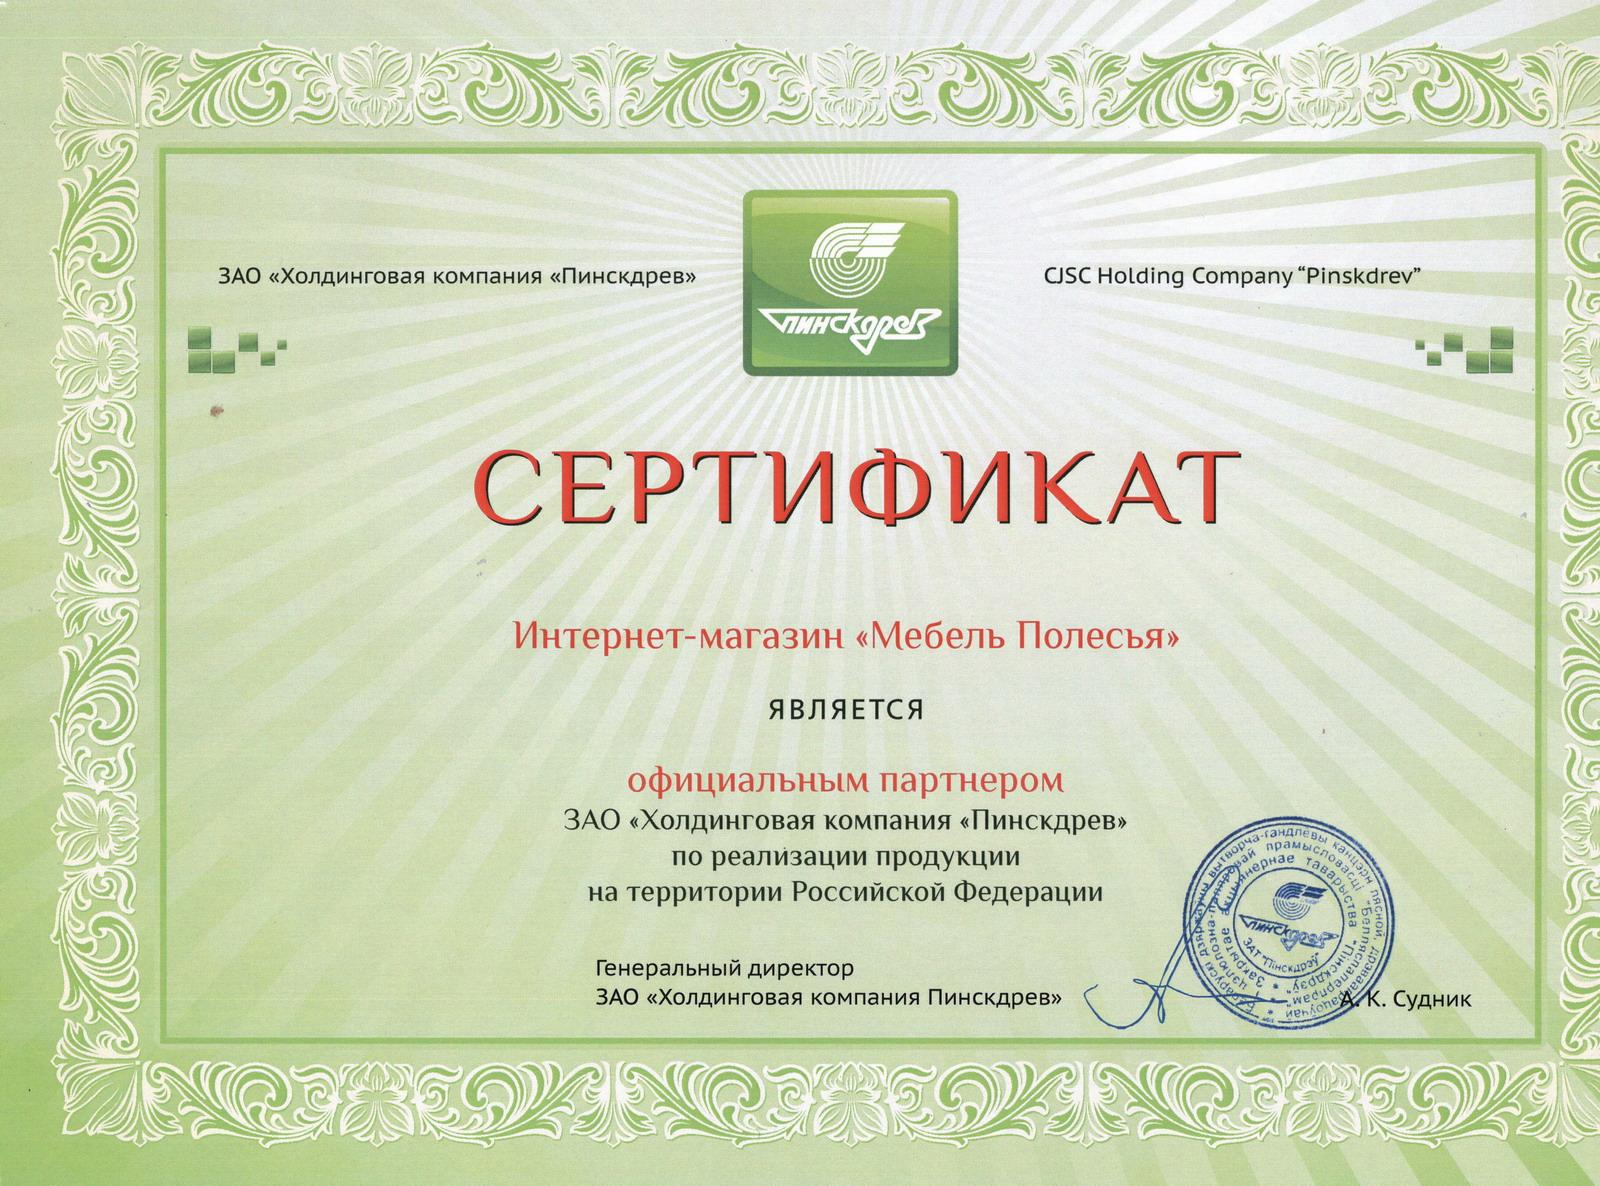 Адрес: Москва, ул.Плещеева д.12. Сертификат - Магазин Мебель Полесья